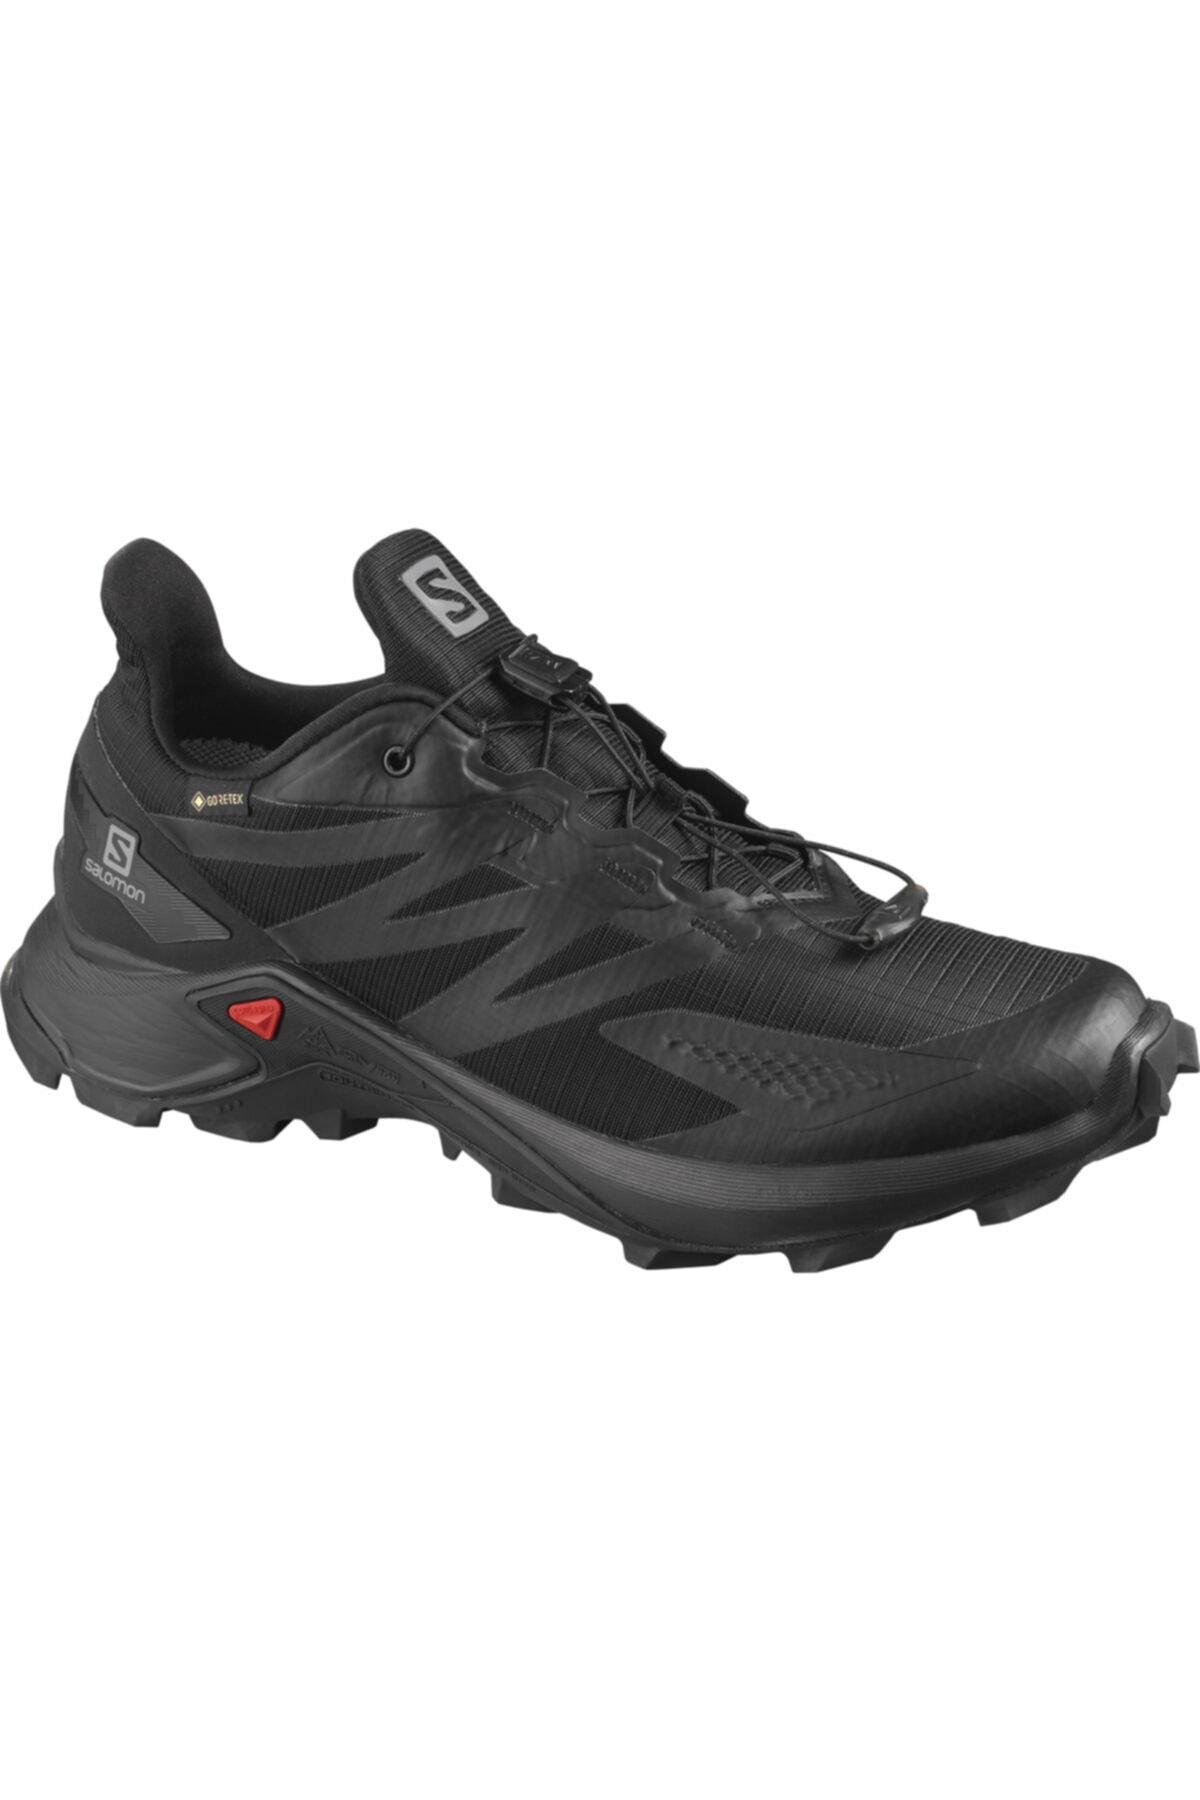 Salomon Supercross Blast Gtx Kadın Siyah Outdoor Ayakkabı L41110200 1